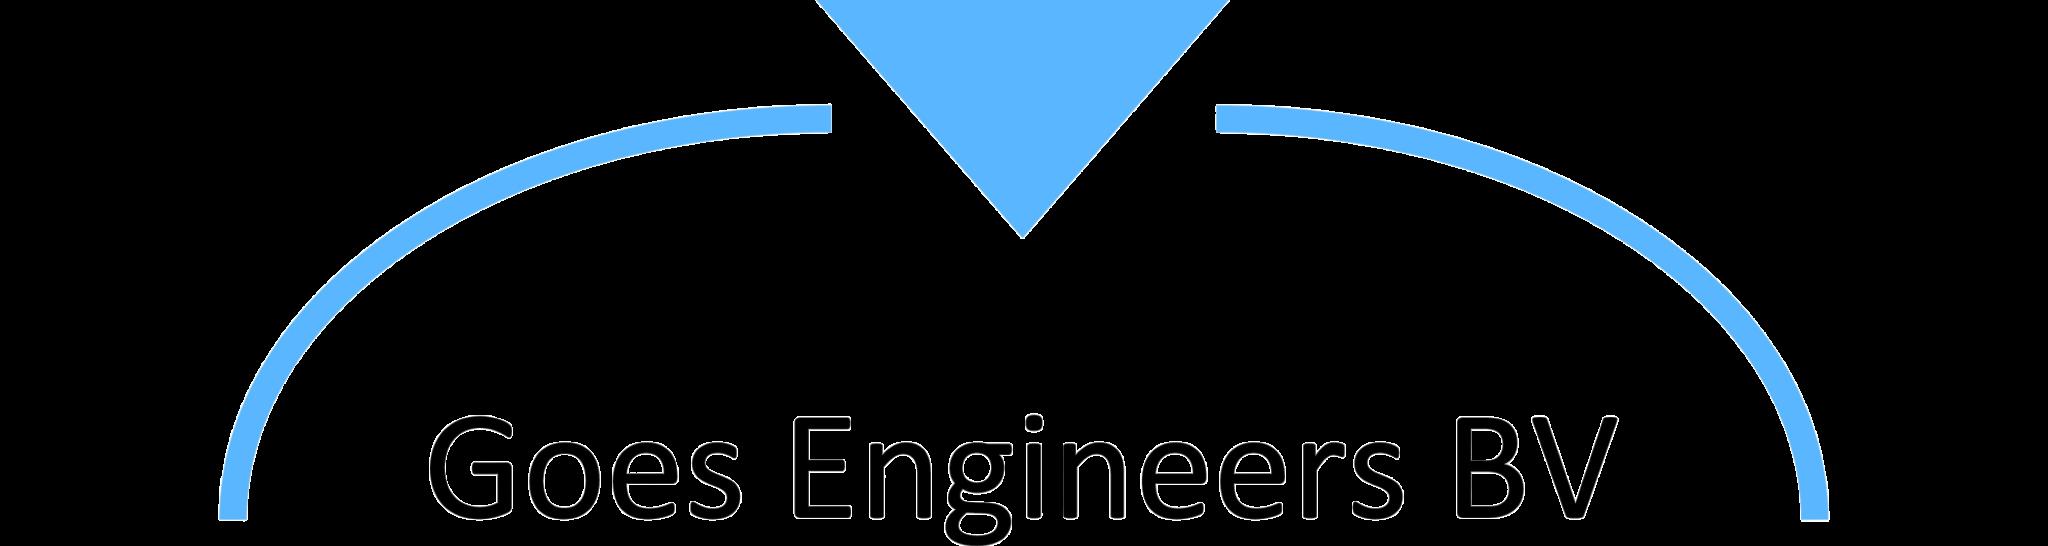 Goes Engineers